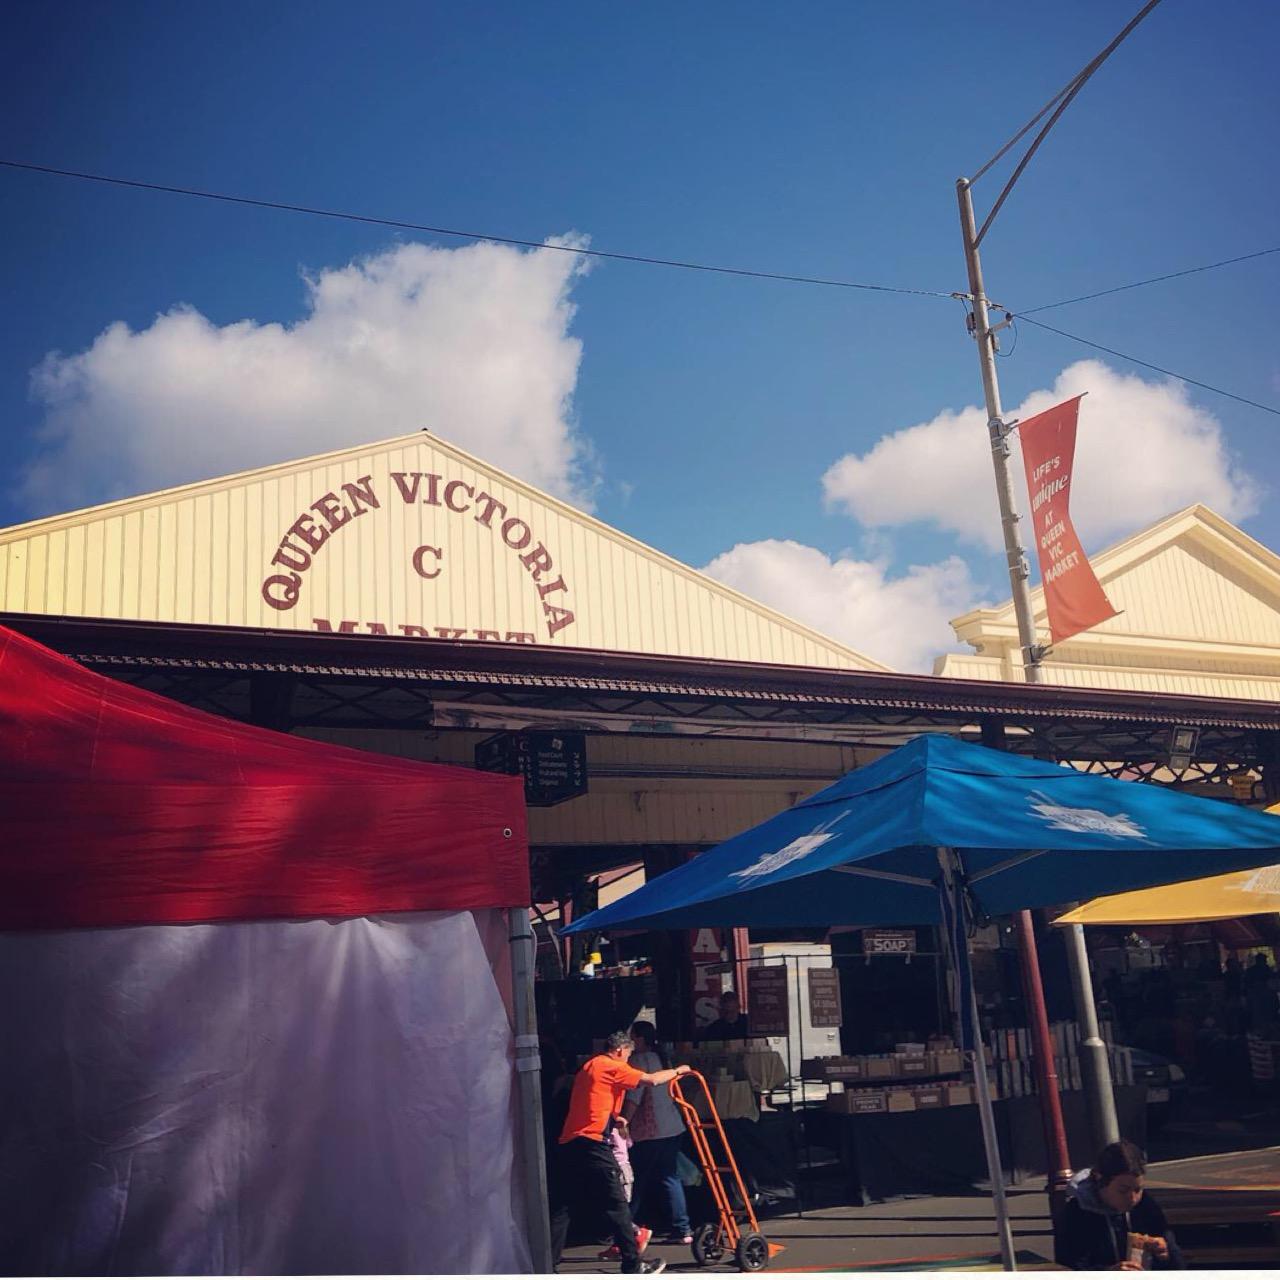 <オーストラリア*女子旅④>メルボルンの台所♡クイーンビクトリア・マーケットで人気のオシャレコーヒーを飲もう!_1